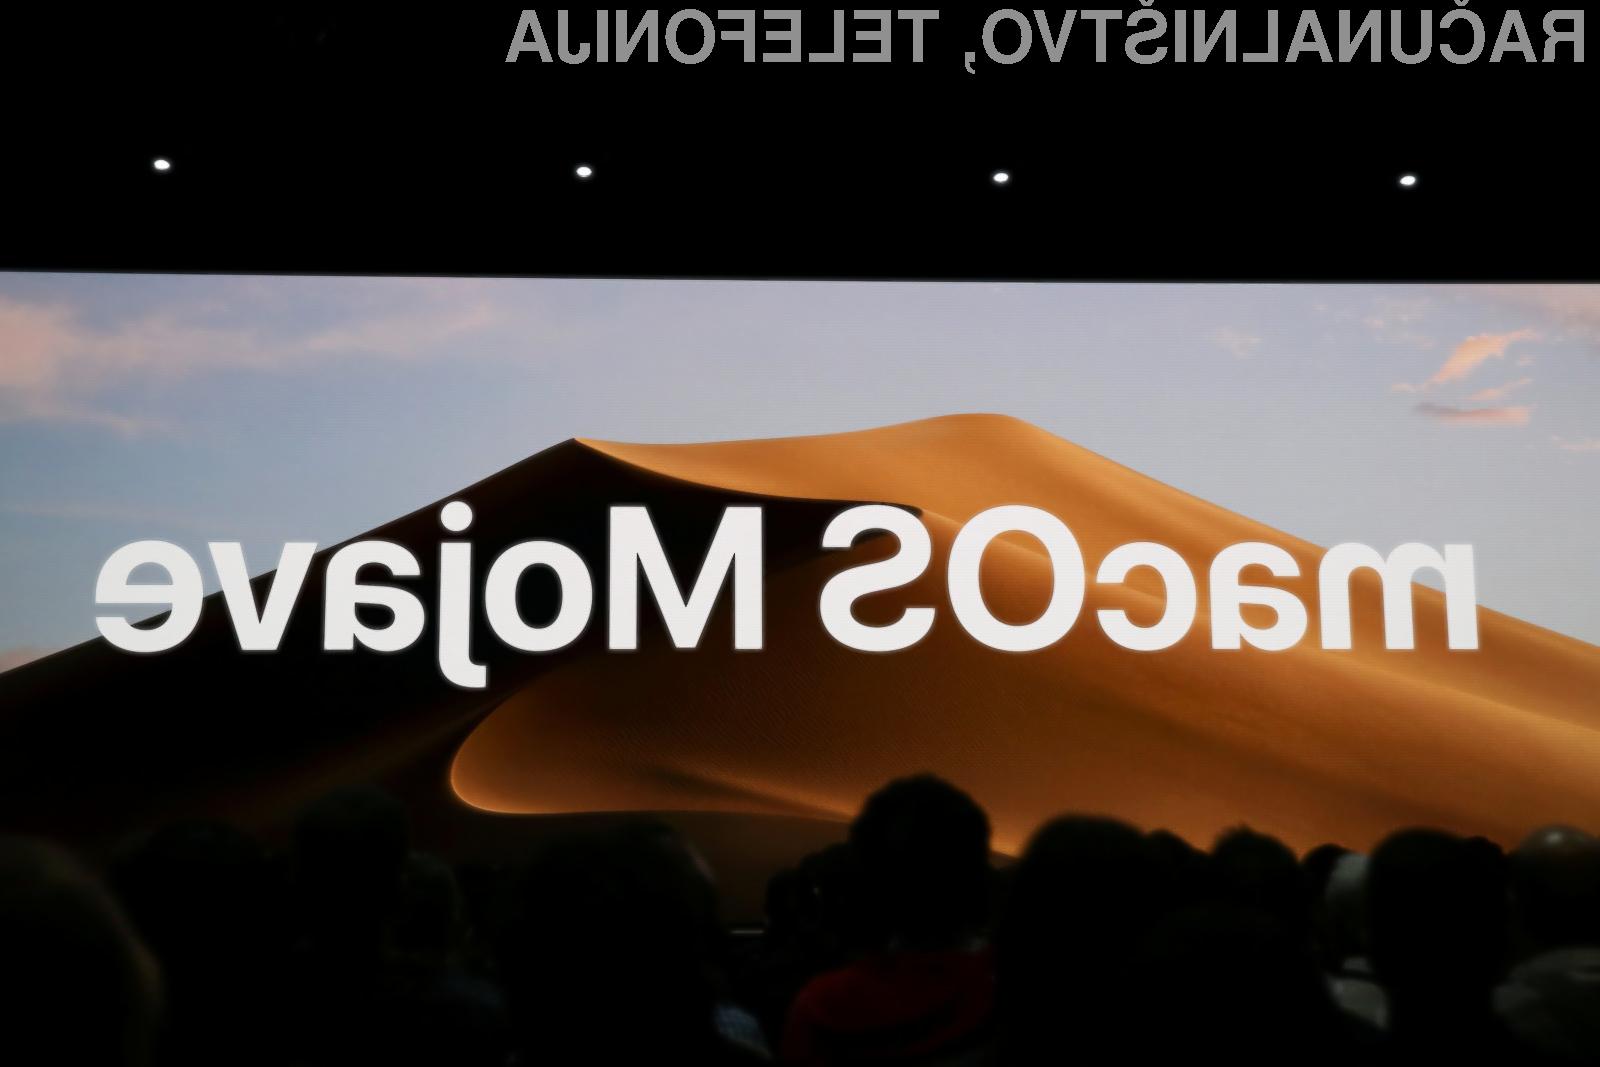 Novi operacijski sistem Apple macOS 10.14 Mojave bo na voljo od 24. septembra naprej!